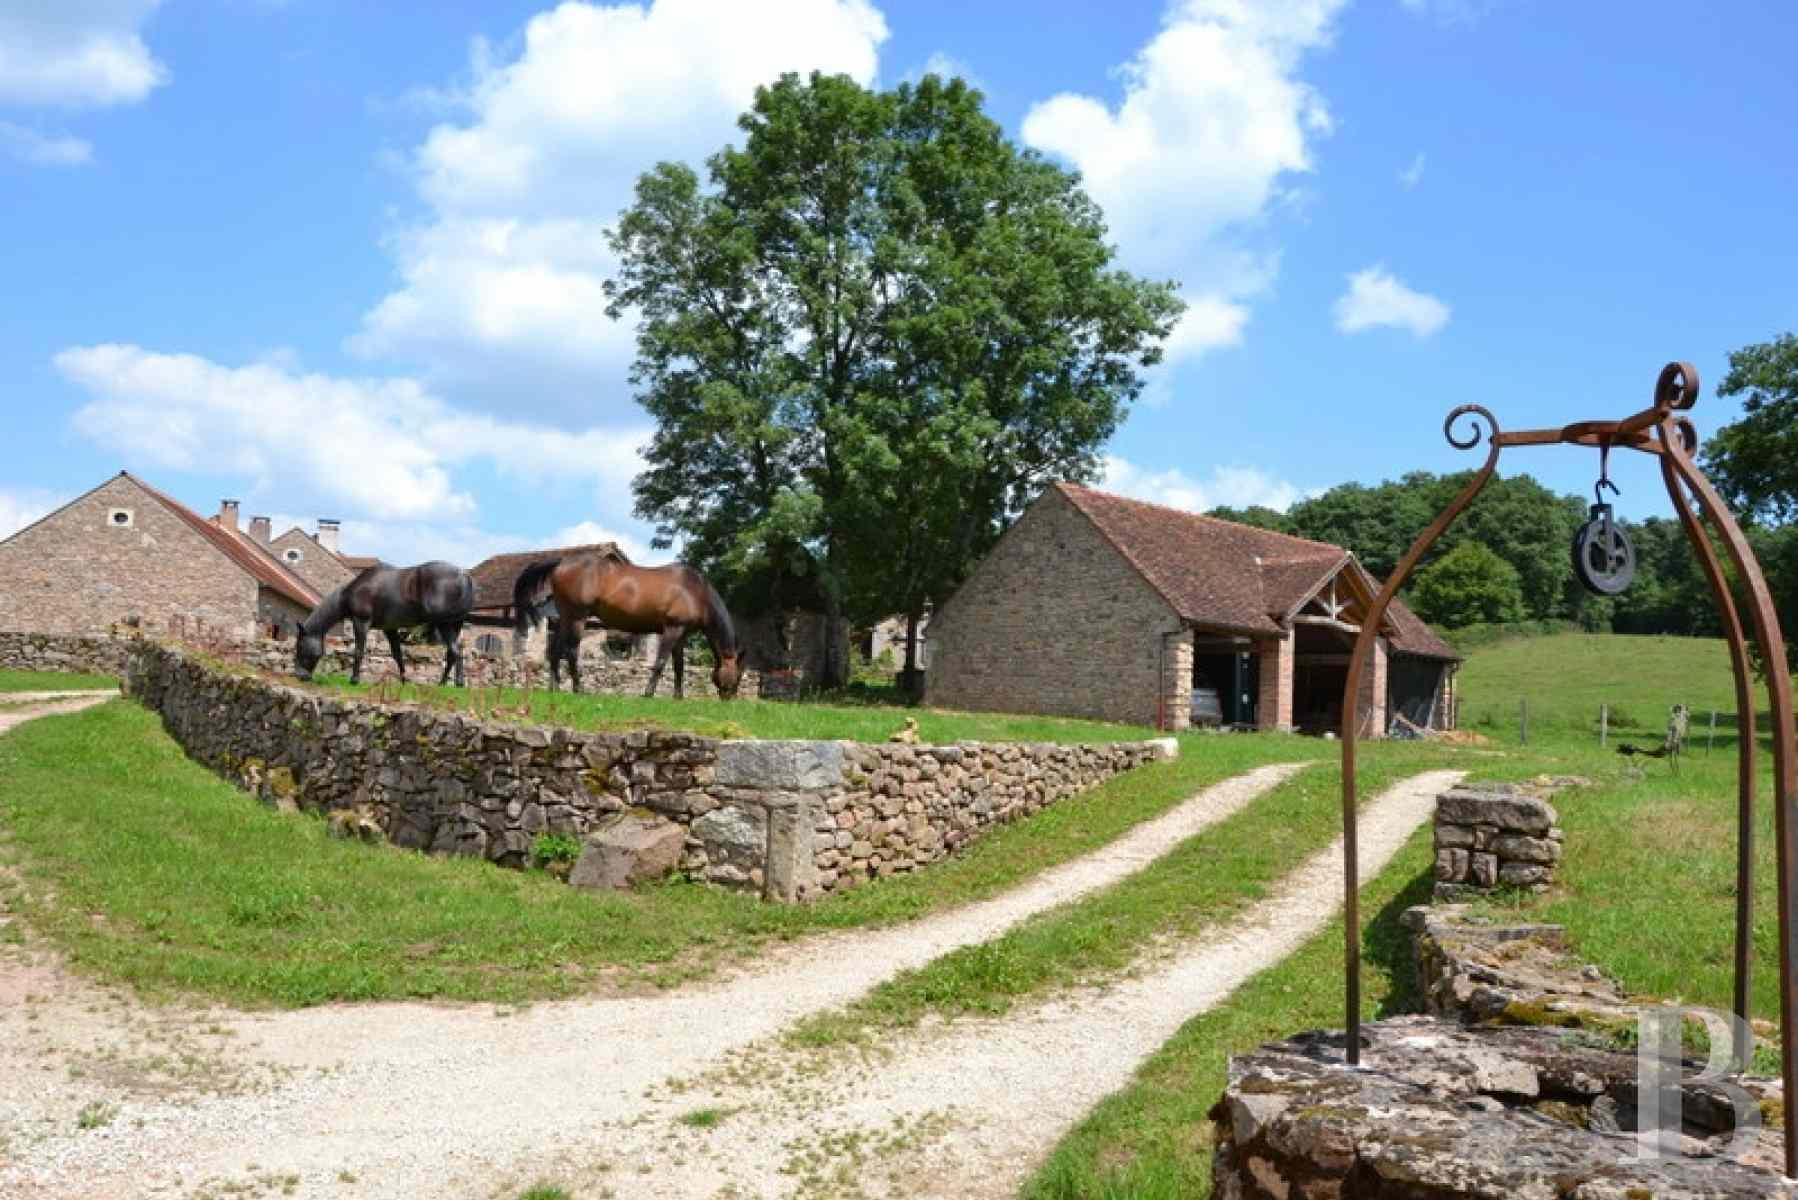 Un petit village isol en bourgogne sur 3 ha avec chapelle colombier et serre glises a - Vendre un bien en indivision 50 50 ...